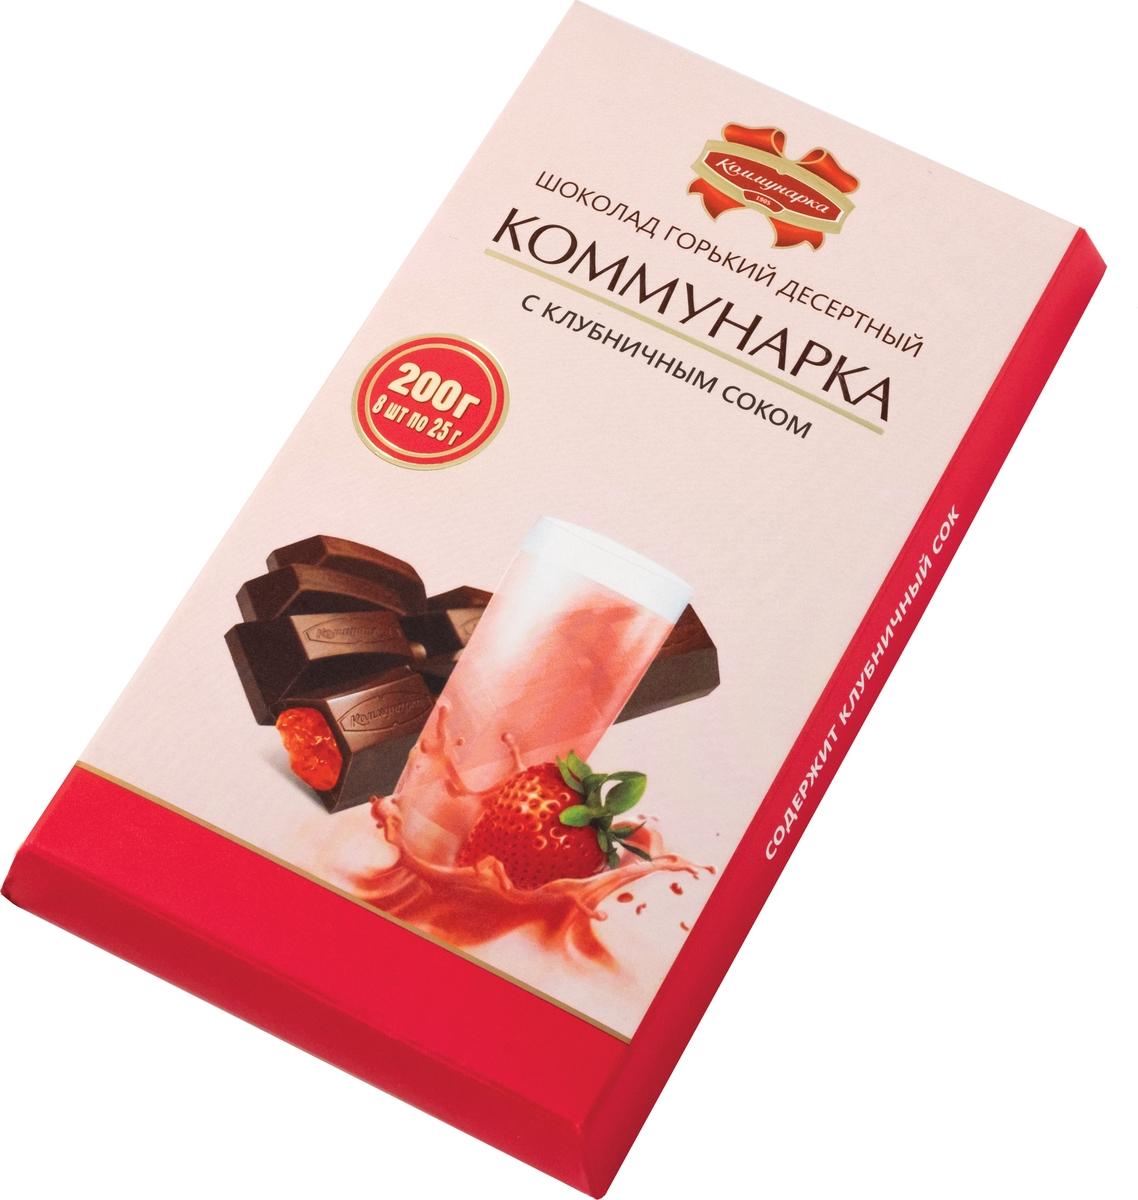 Коммунарка шоколад горький с клубничным соком, 200 г цена 2017